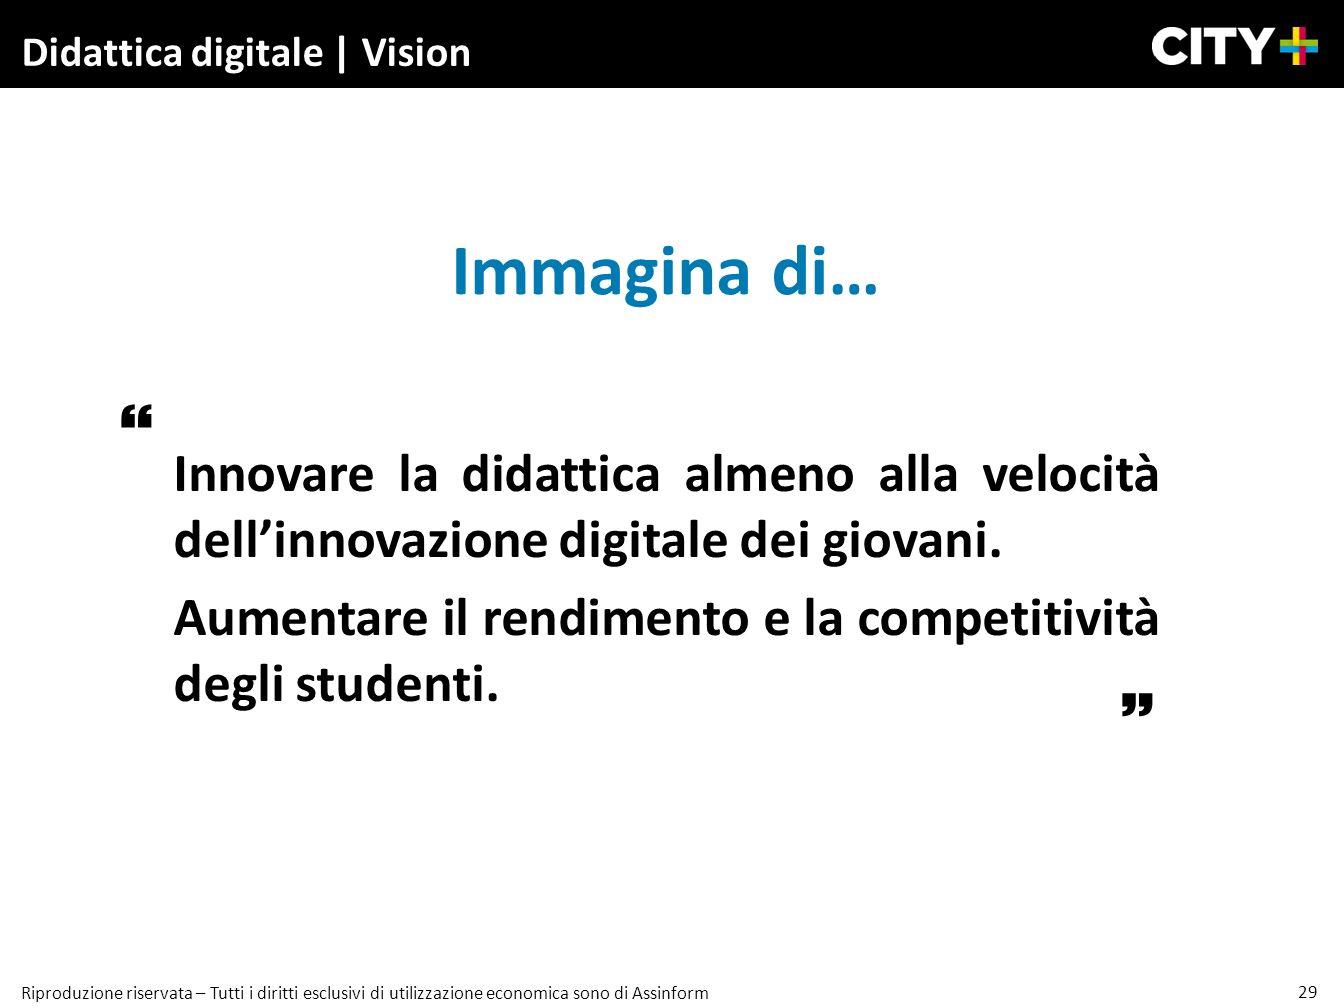 29 Riproduzione riservata – Tutti i diritti esclusivi di utilizzazione economica sono di Assinform Didattica digitale | Vision Immagina di… Innovare l